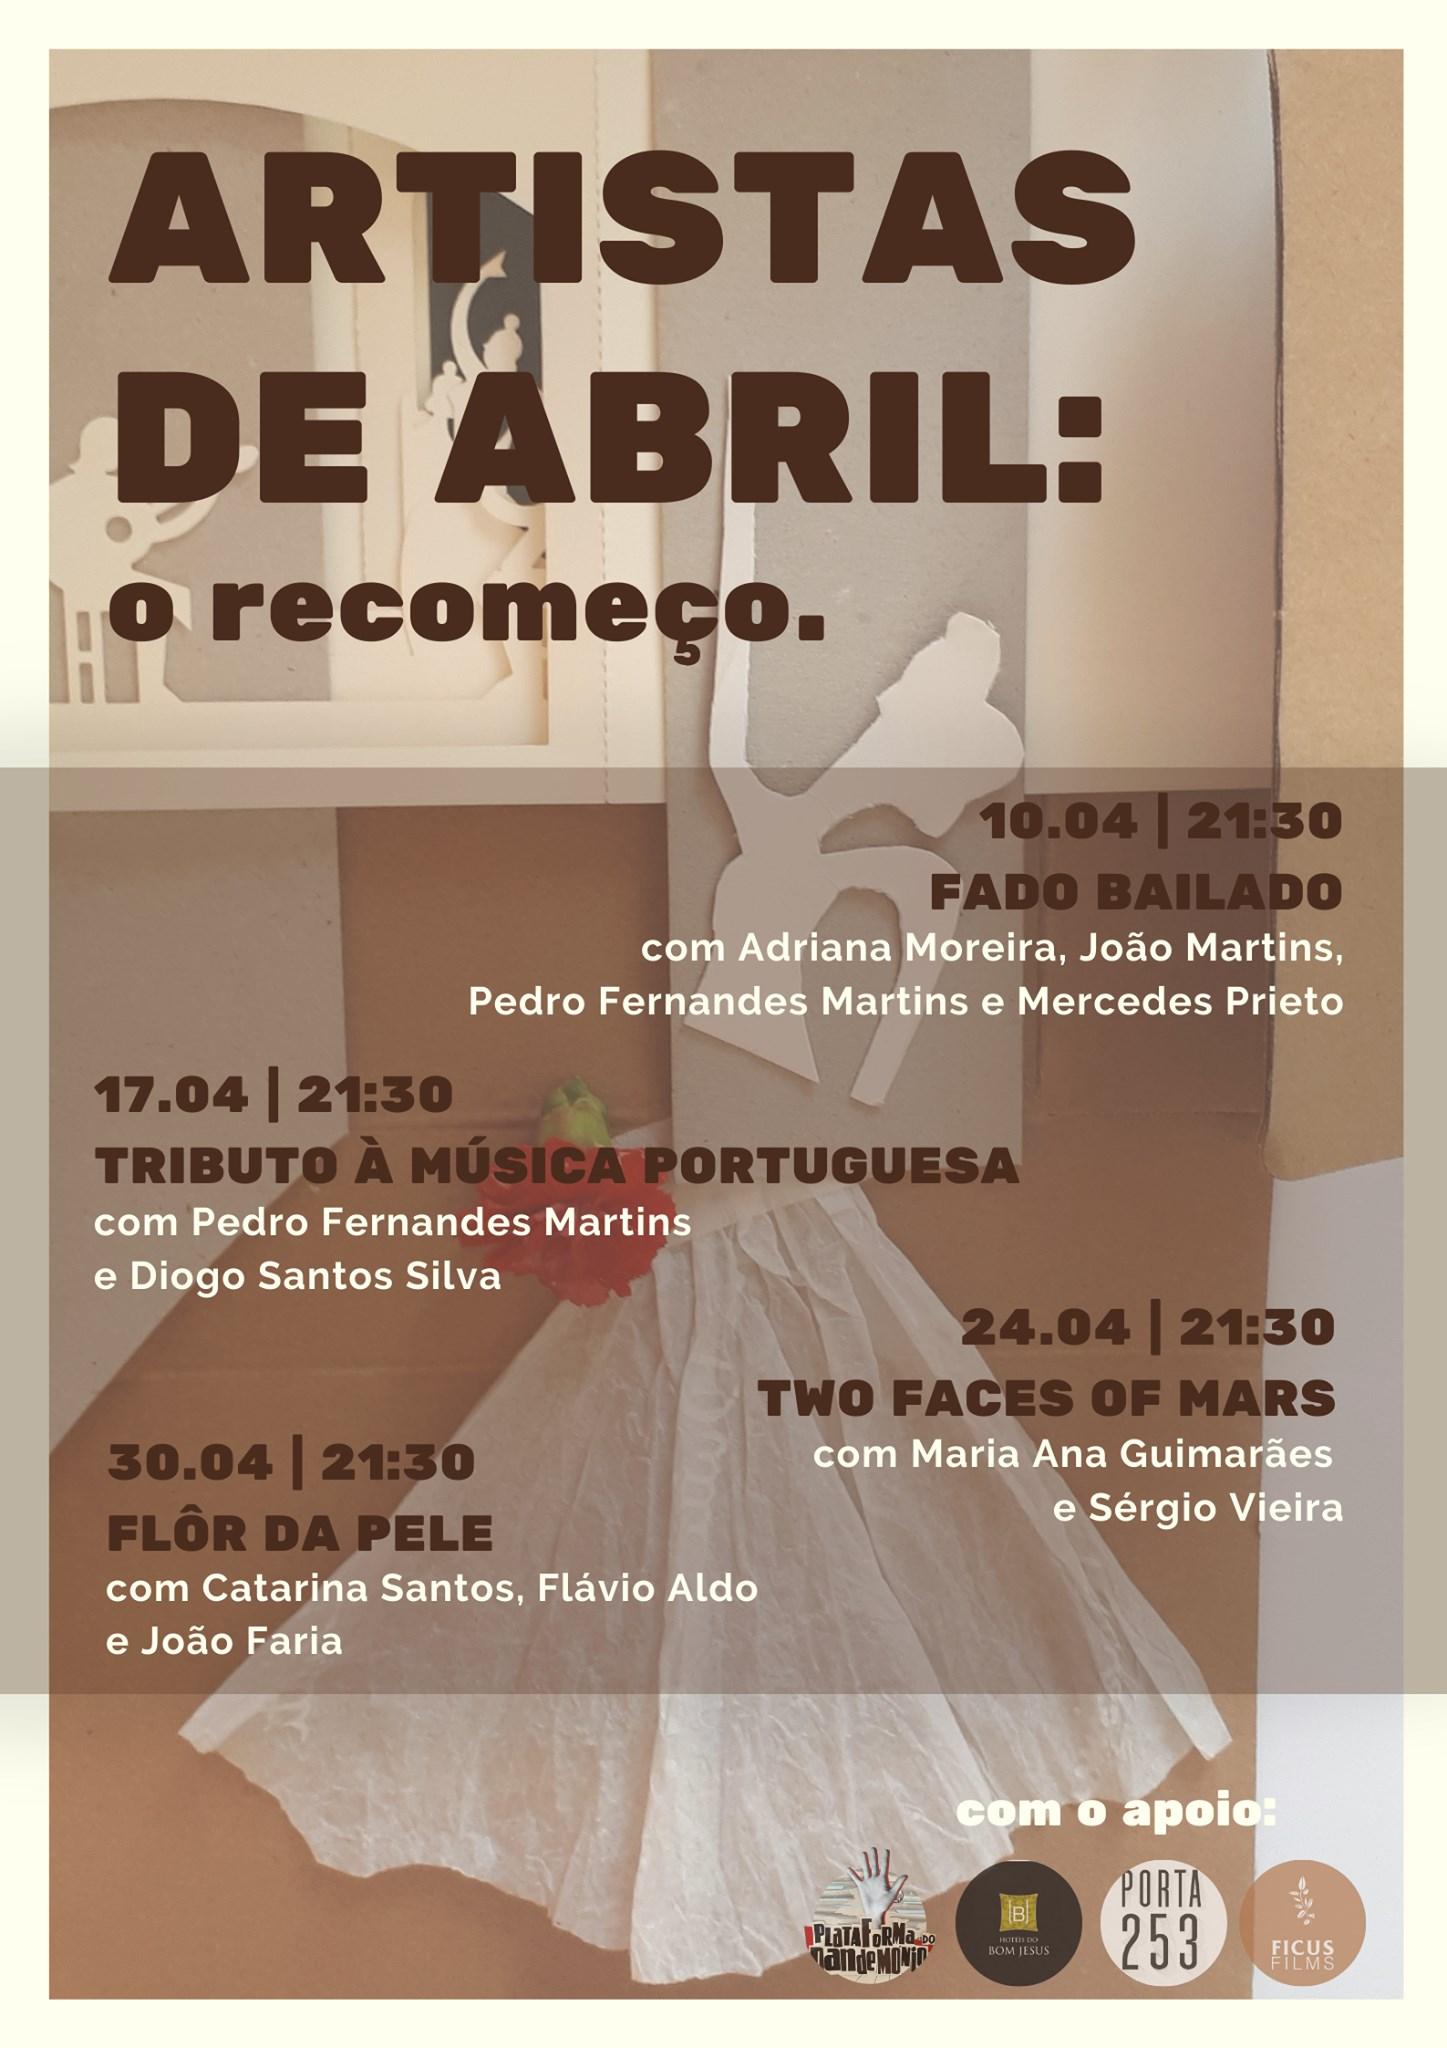 Artistas de Abril: o recomeço   'TRIBUTO À MÚSICA PORTUGUESA'